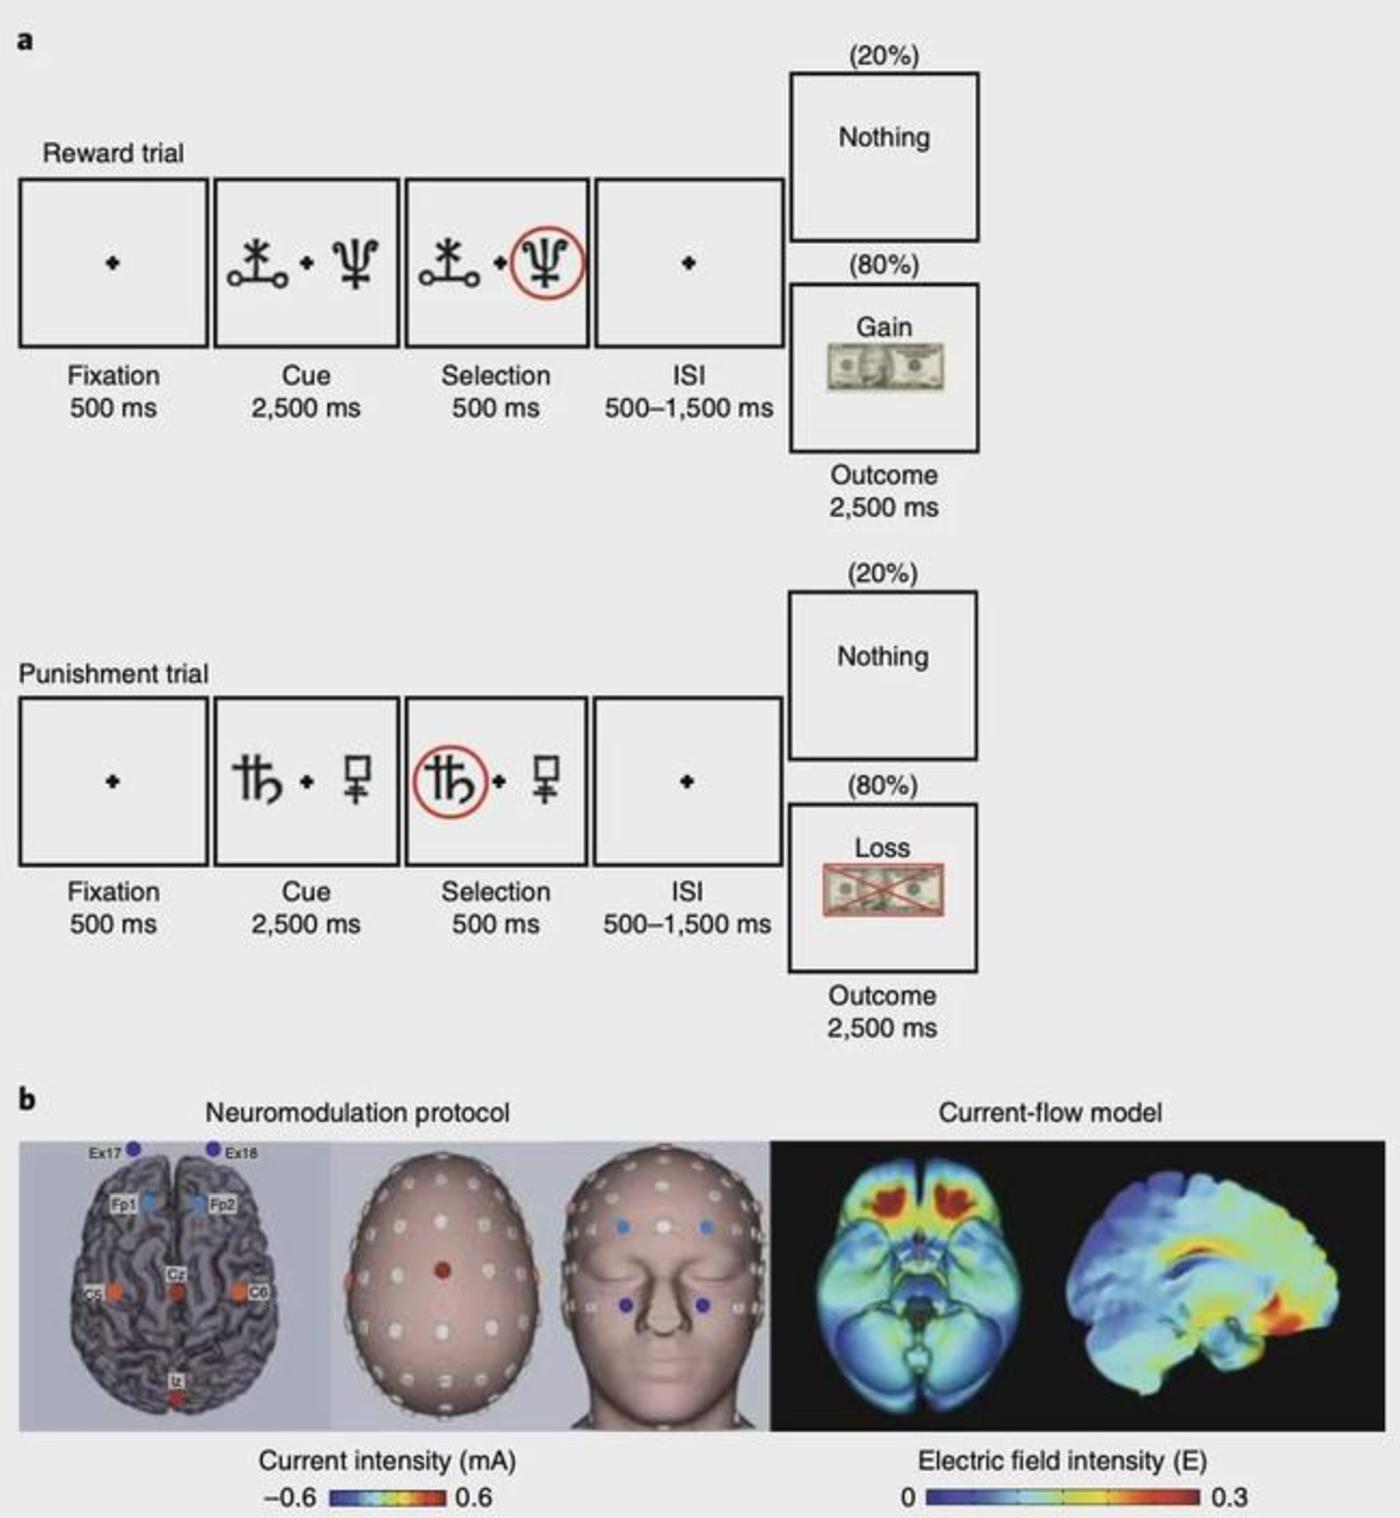 图|货币强化学习任务和大脑眶额神经调节协议示意图(来源:Nature Medicine)